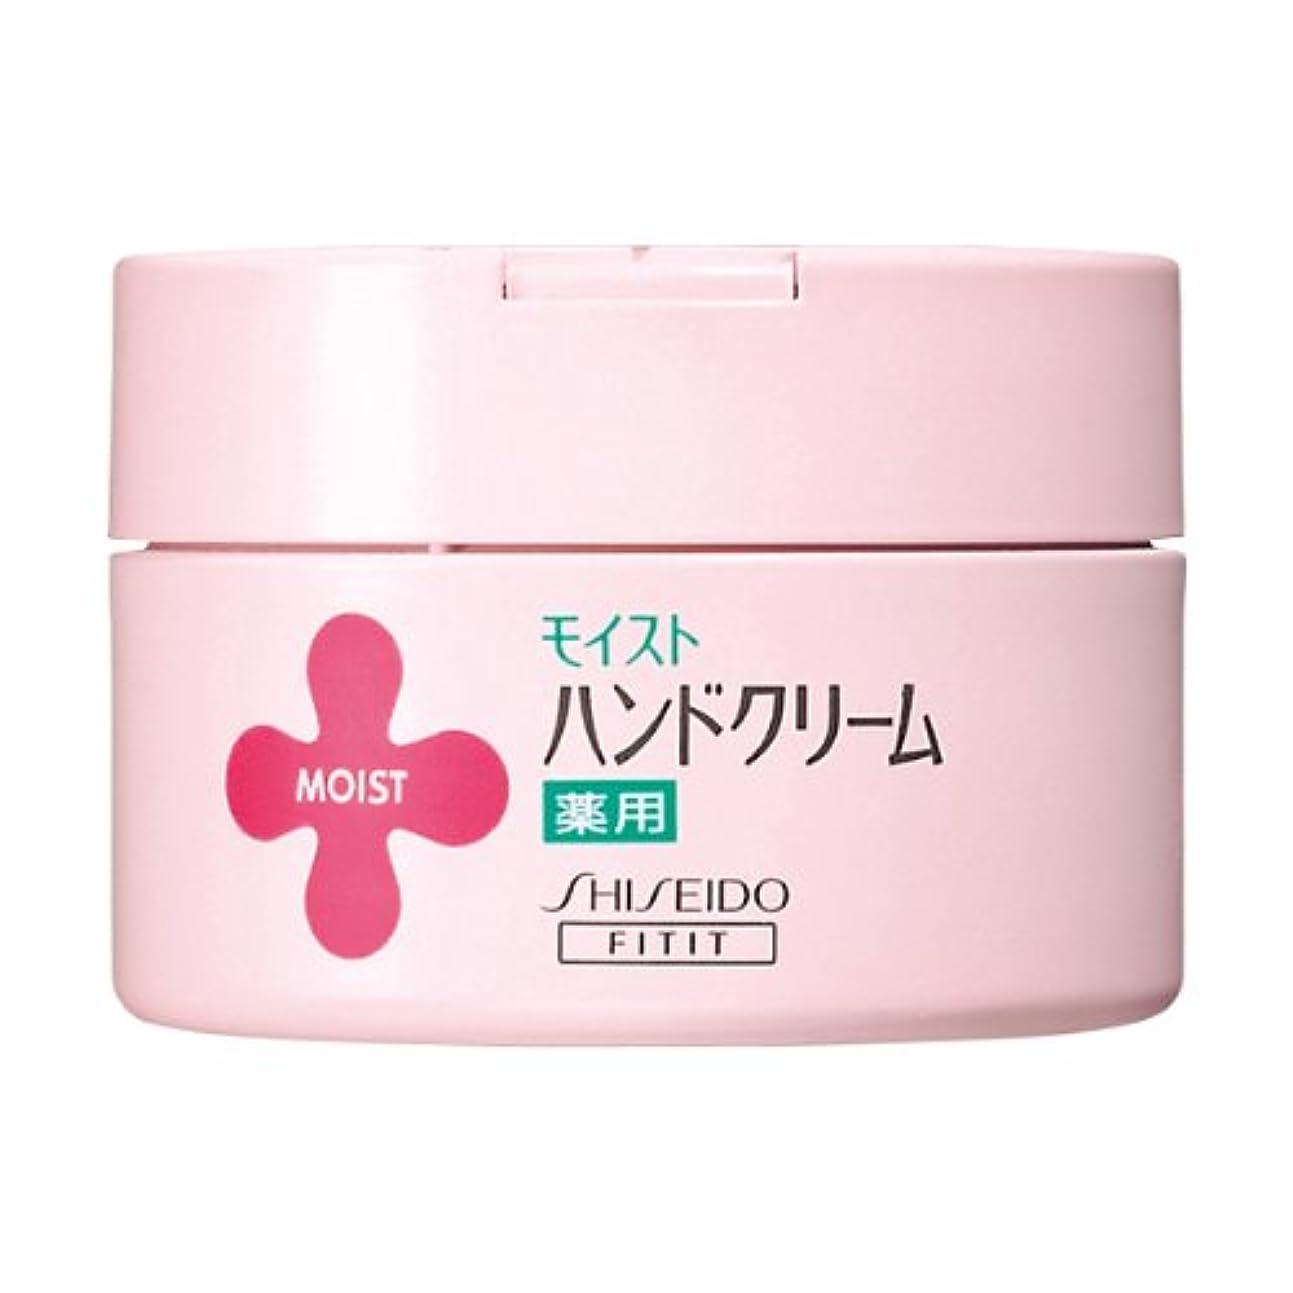 投資顔料引数モイスト 薬用ハンドクリームUR L 120g 【医薬部外品】